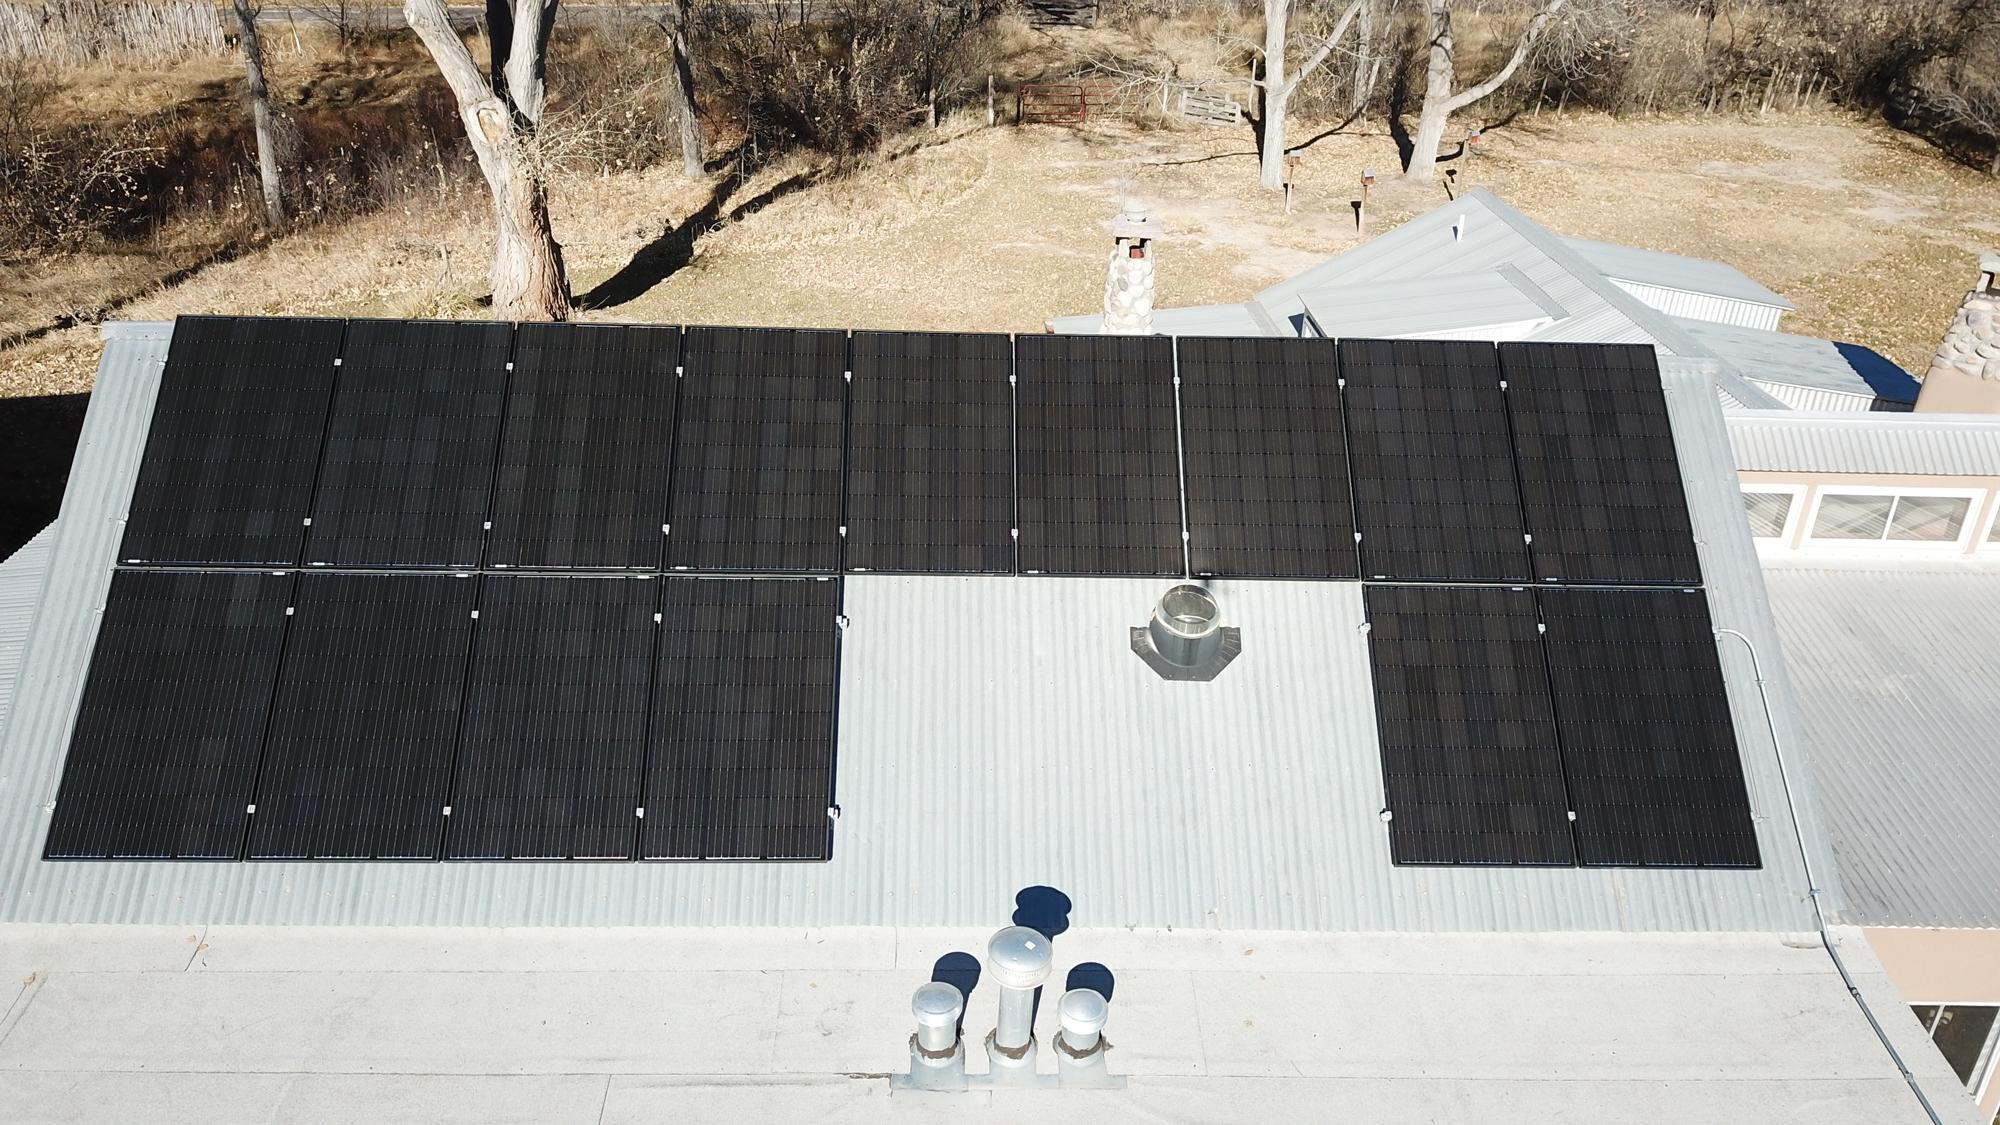 Santa Fe Solar Installation Saves Customers Money